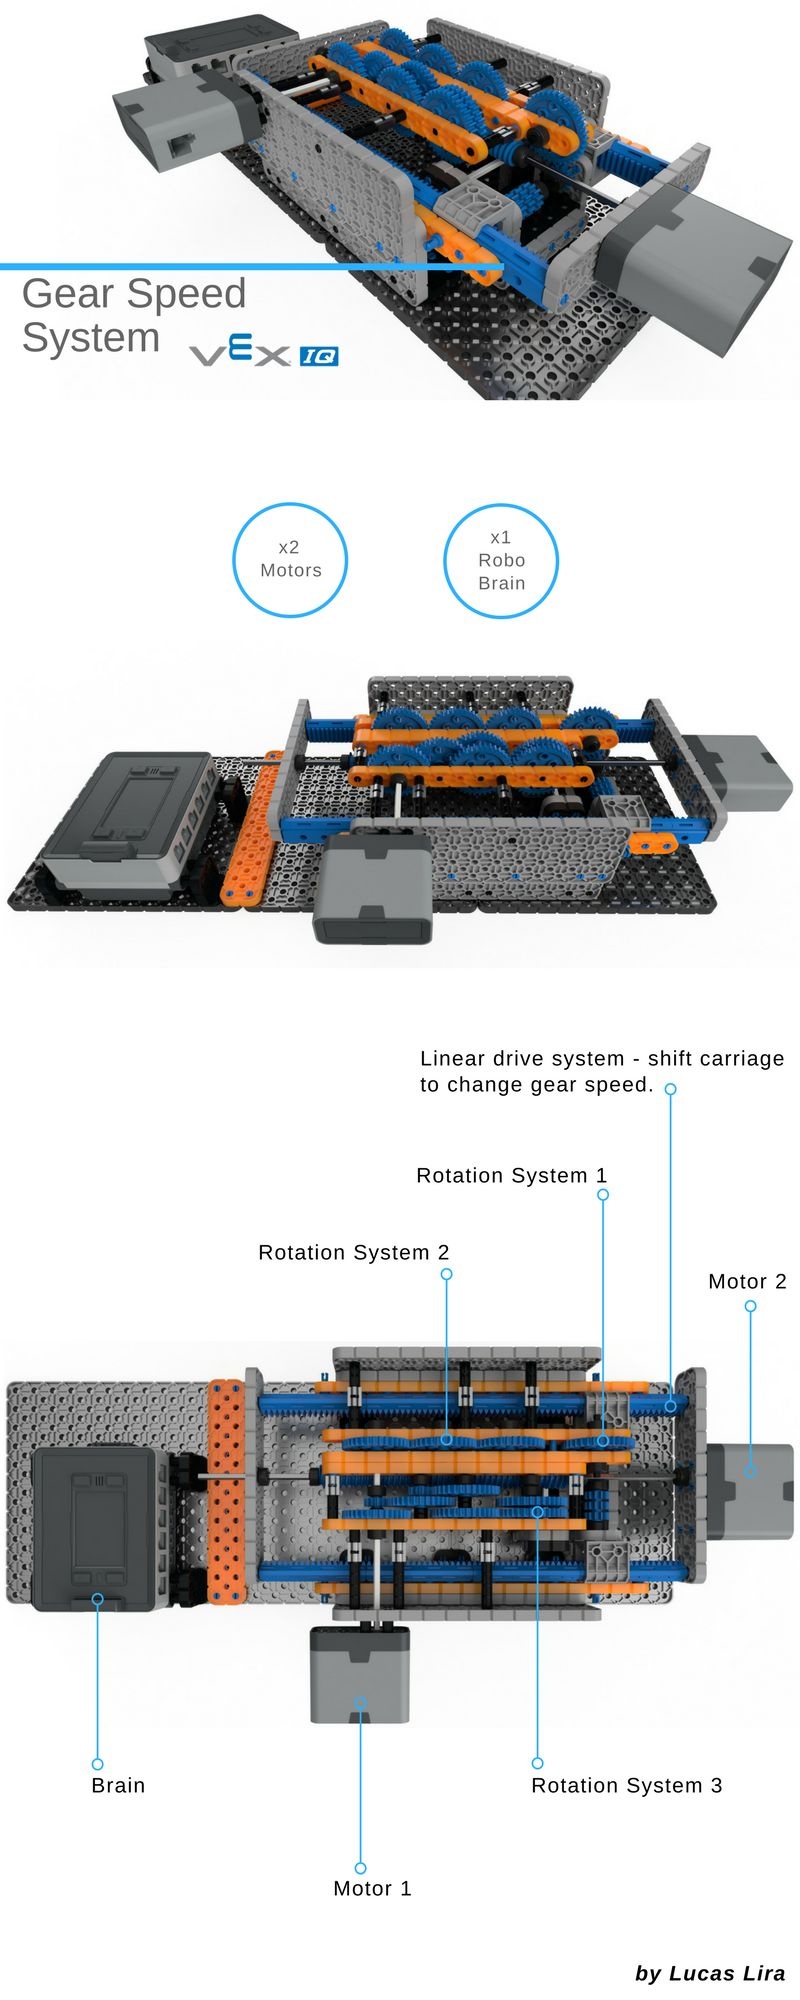 vex-iq-robotics-gear-lcs2018-3500-3500